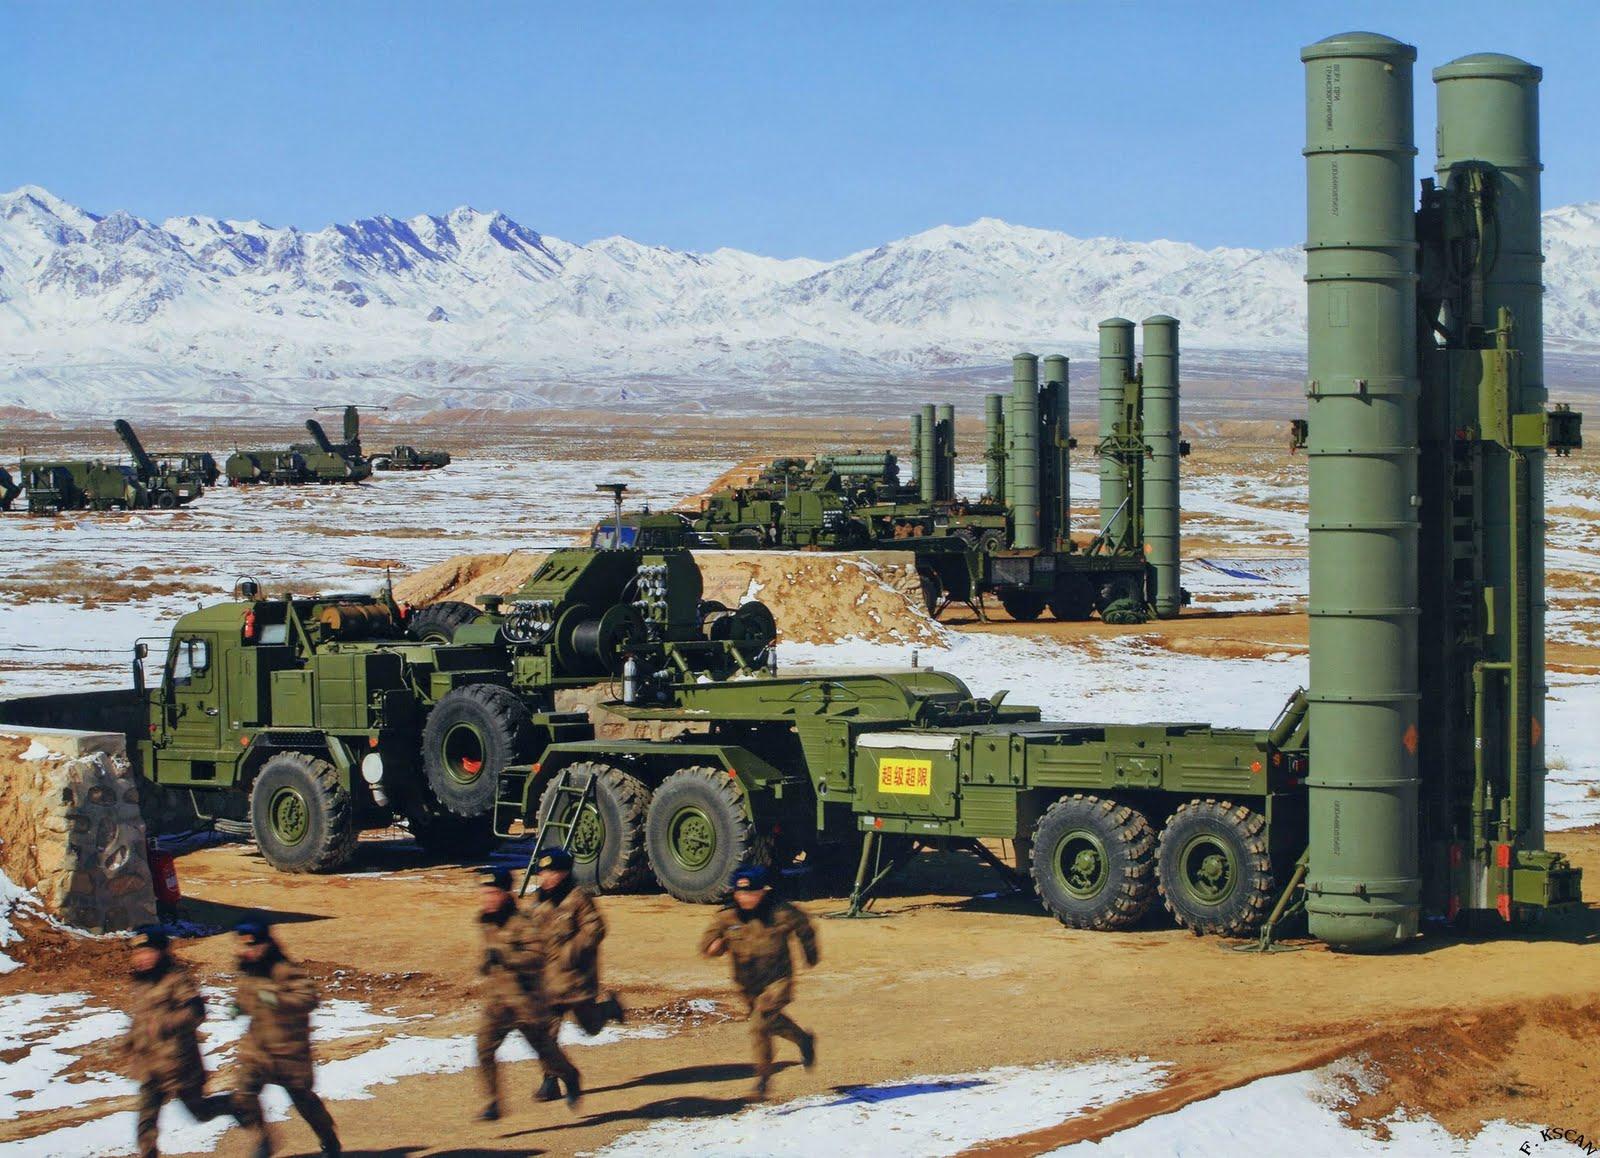 Seis sistemas de mísseis de defesa antiaérea S-400 Triumf para China